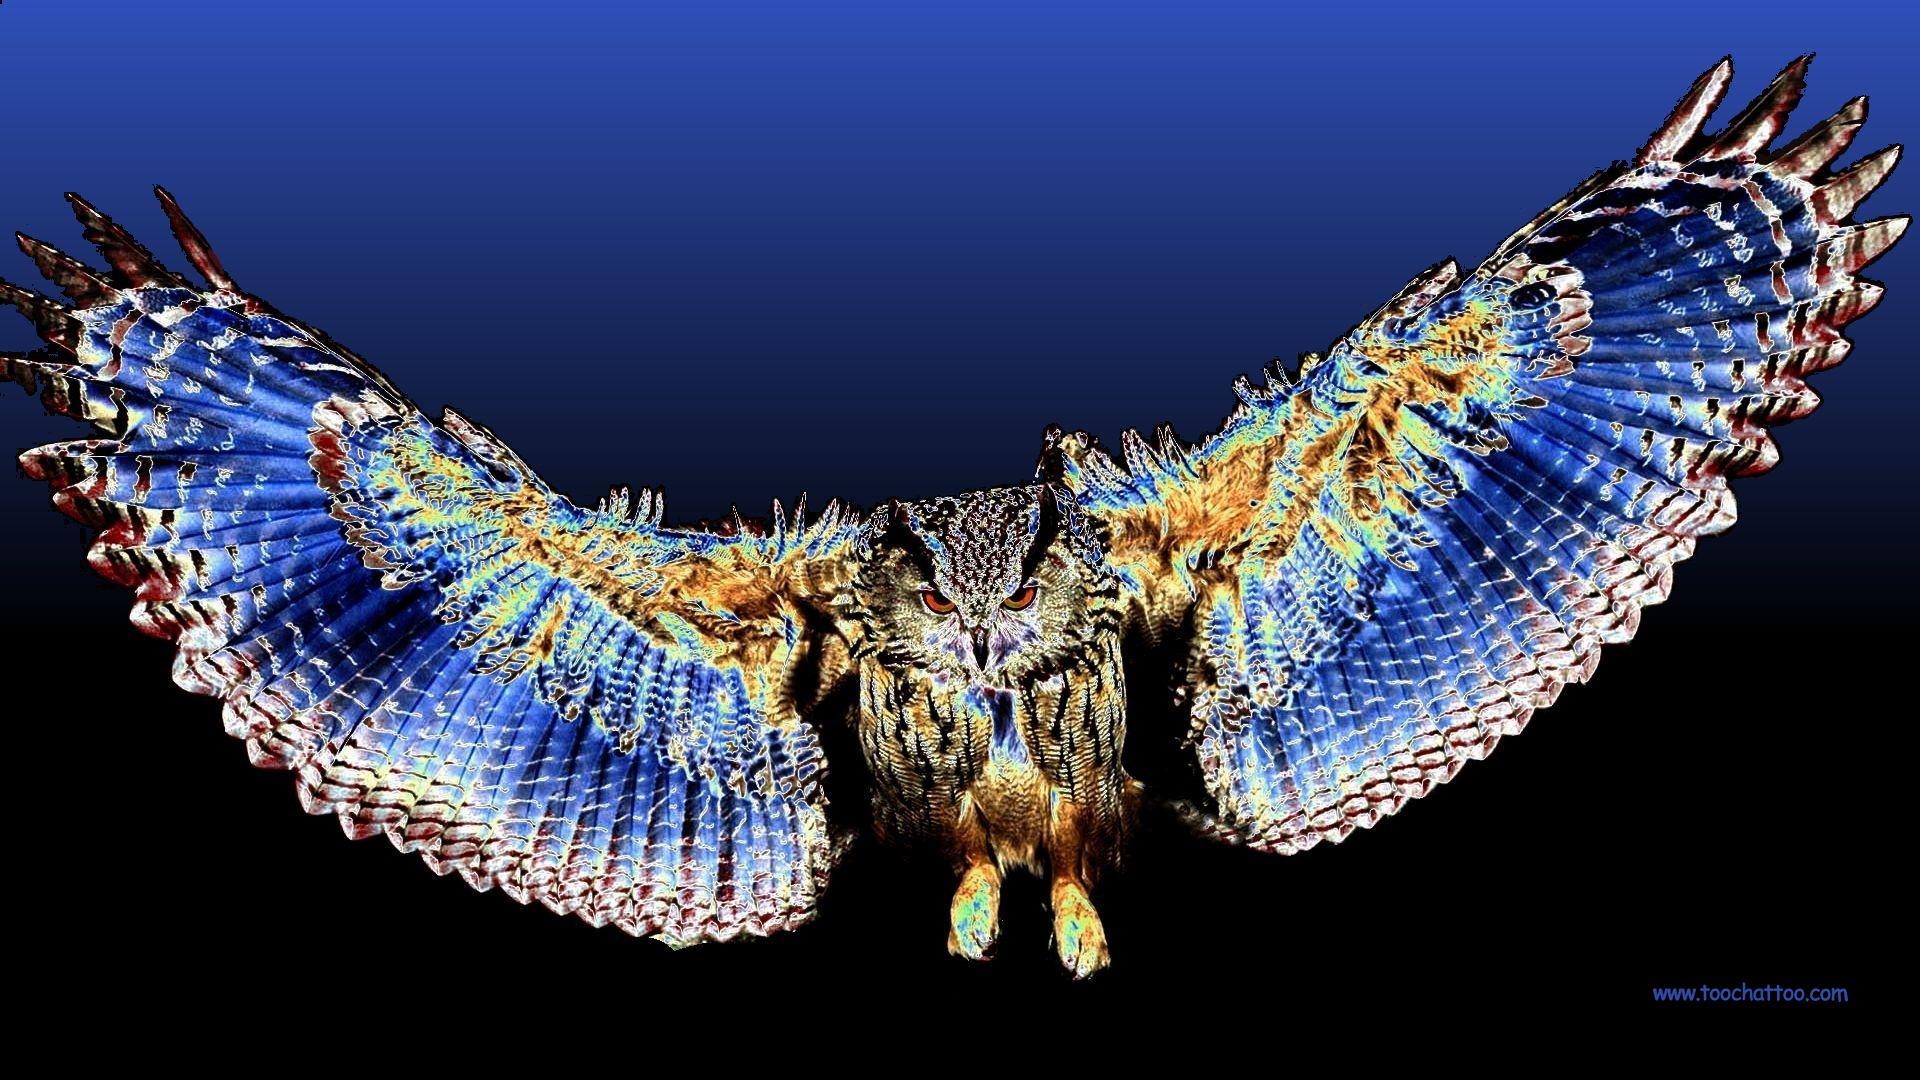 Fond ecran gratuit d 39 oiseaux et rapaces for Fond image gratuit